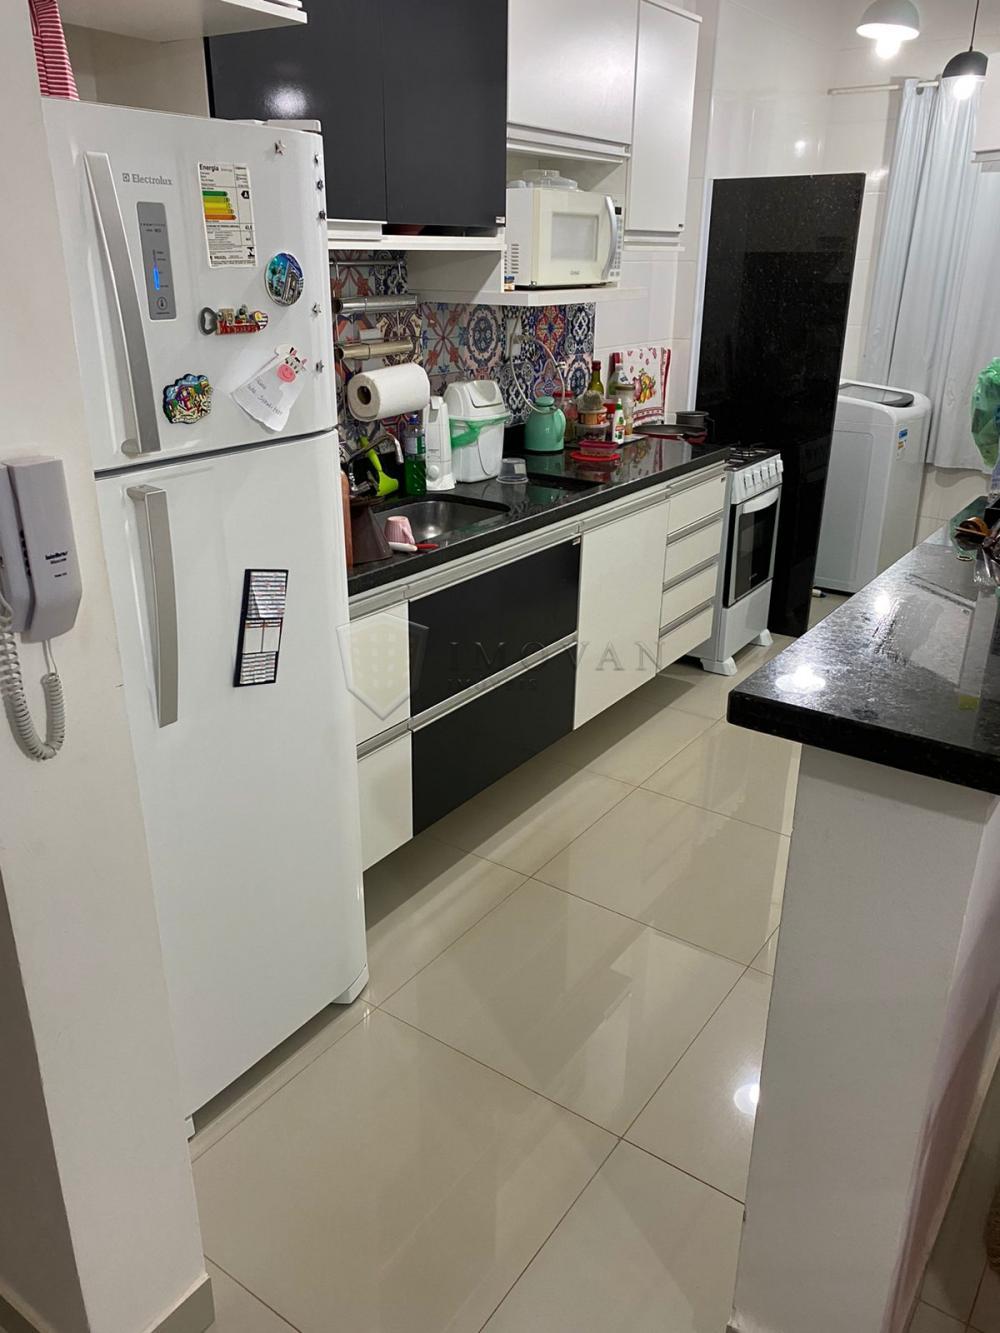 Comprar Apartamento / Padrão em Ribeirão Preto R$ 250.000,00 - Foto 13